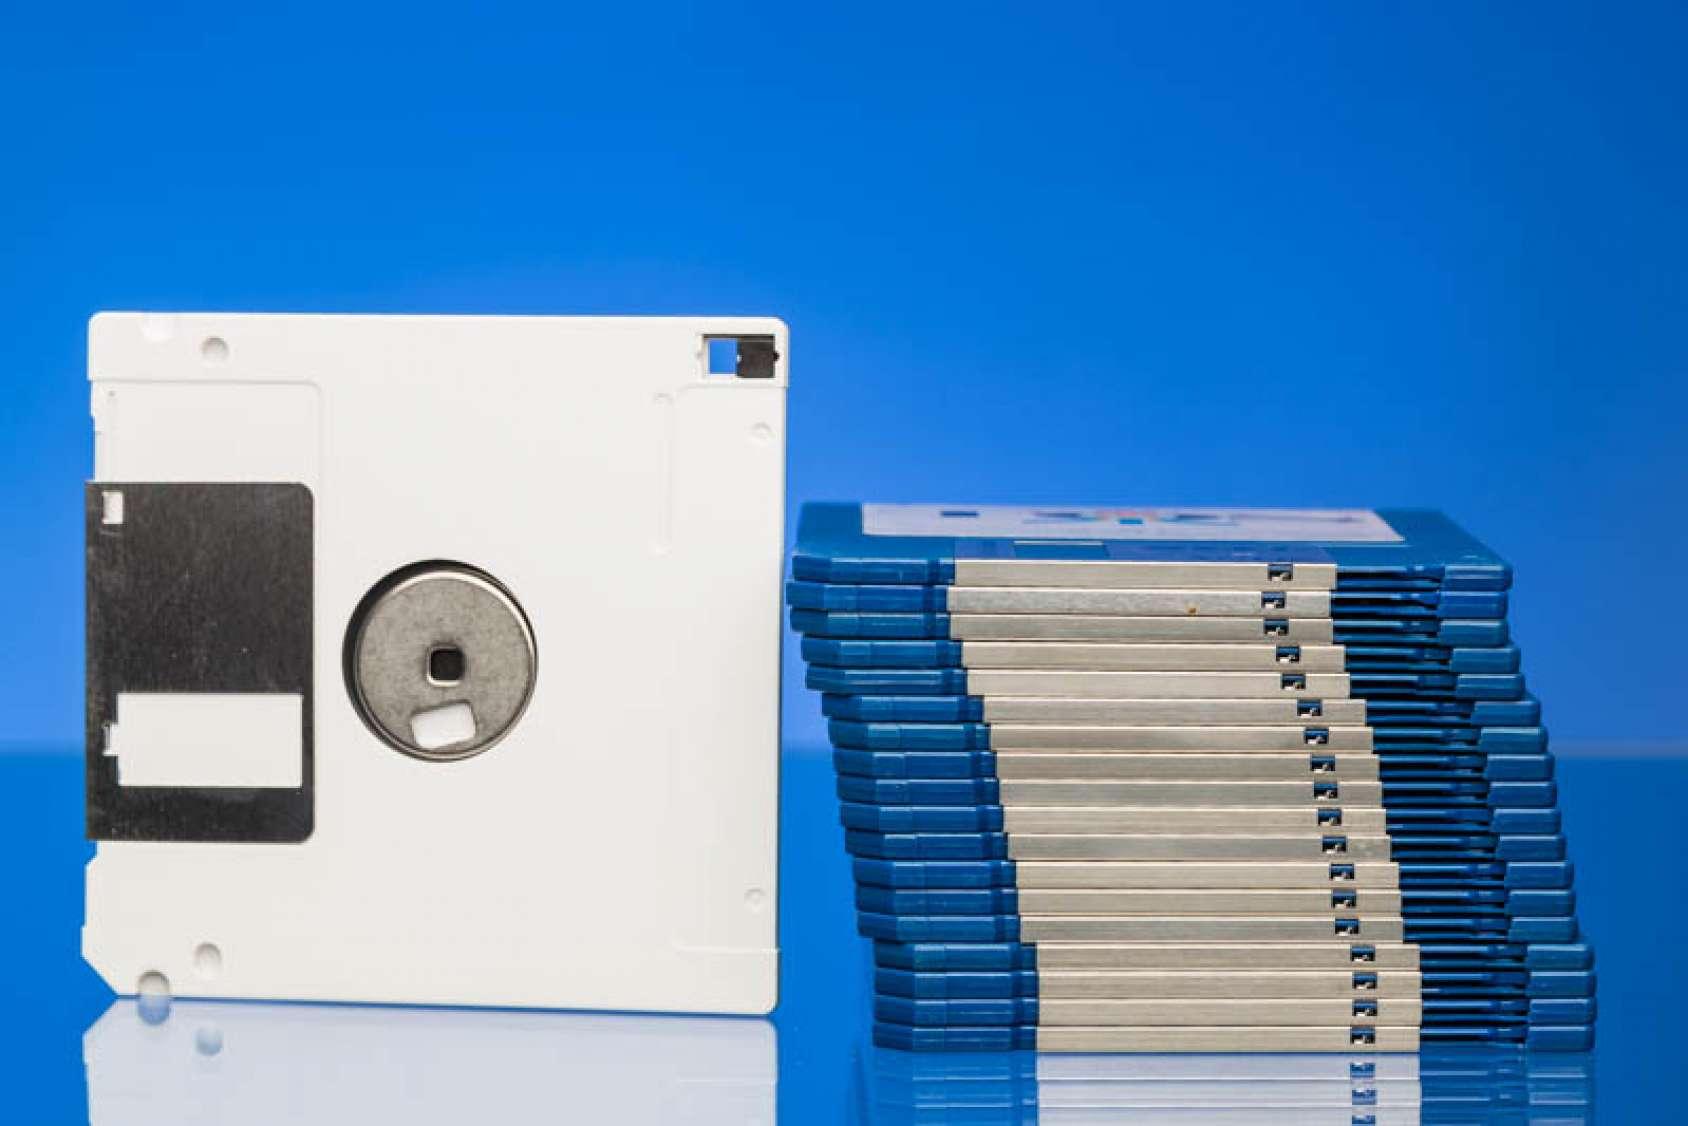 Disketten weiss und blau, Bußgeld DSGVO, Arzt, Krankenhaus, IT-Sicherheit, Berechtigungskonzept, Zugriffsteuerung, technisch-organisatorische Maßnahmen, EU-Datenschutzgrundverordnung, Gesundheitswesen